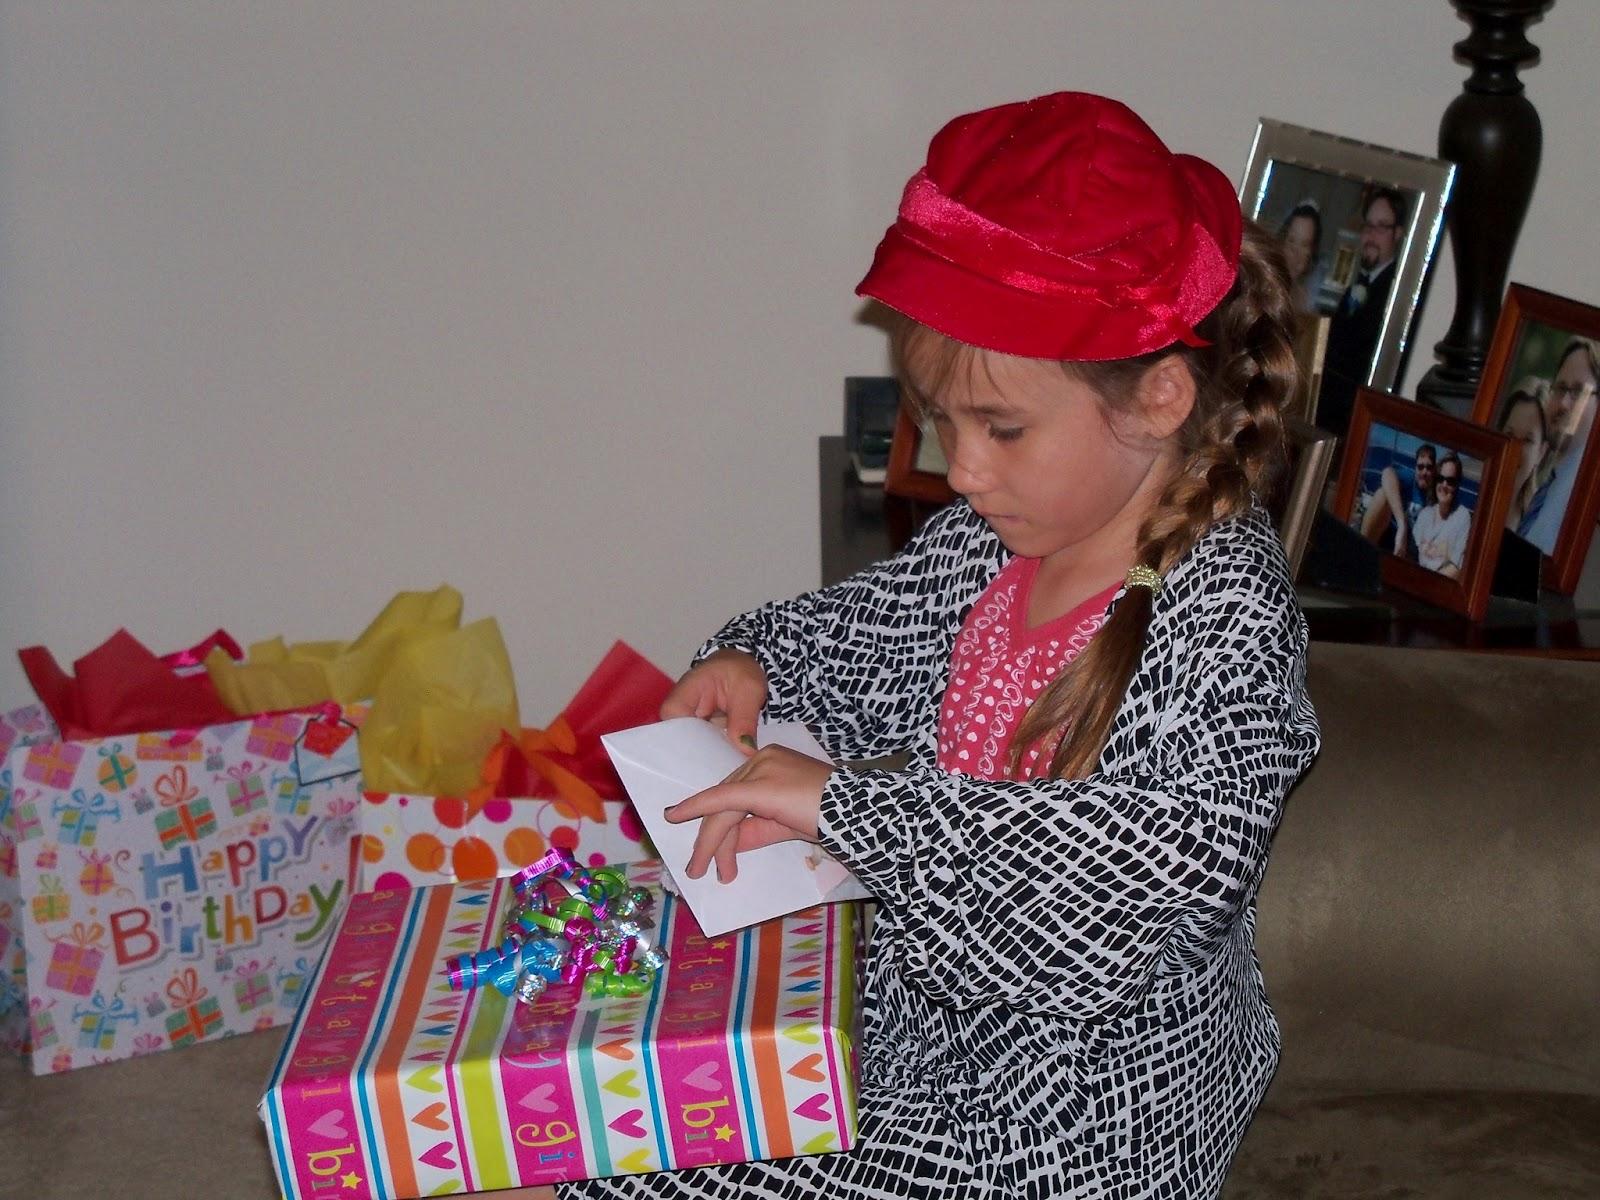 Corinas Birthday Party 2012 - 115_1471.JPG